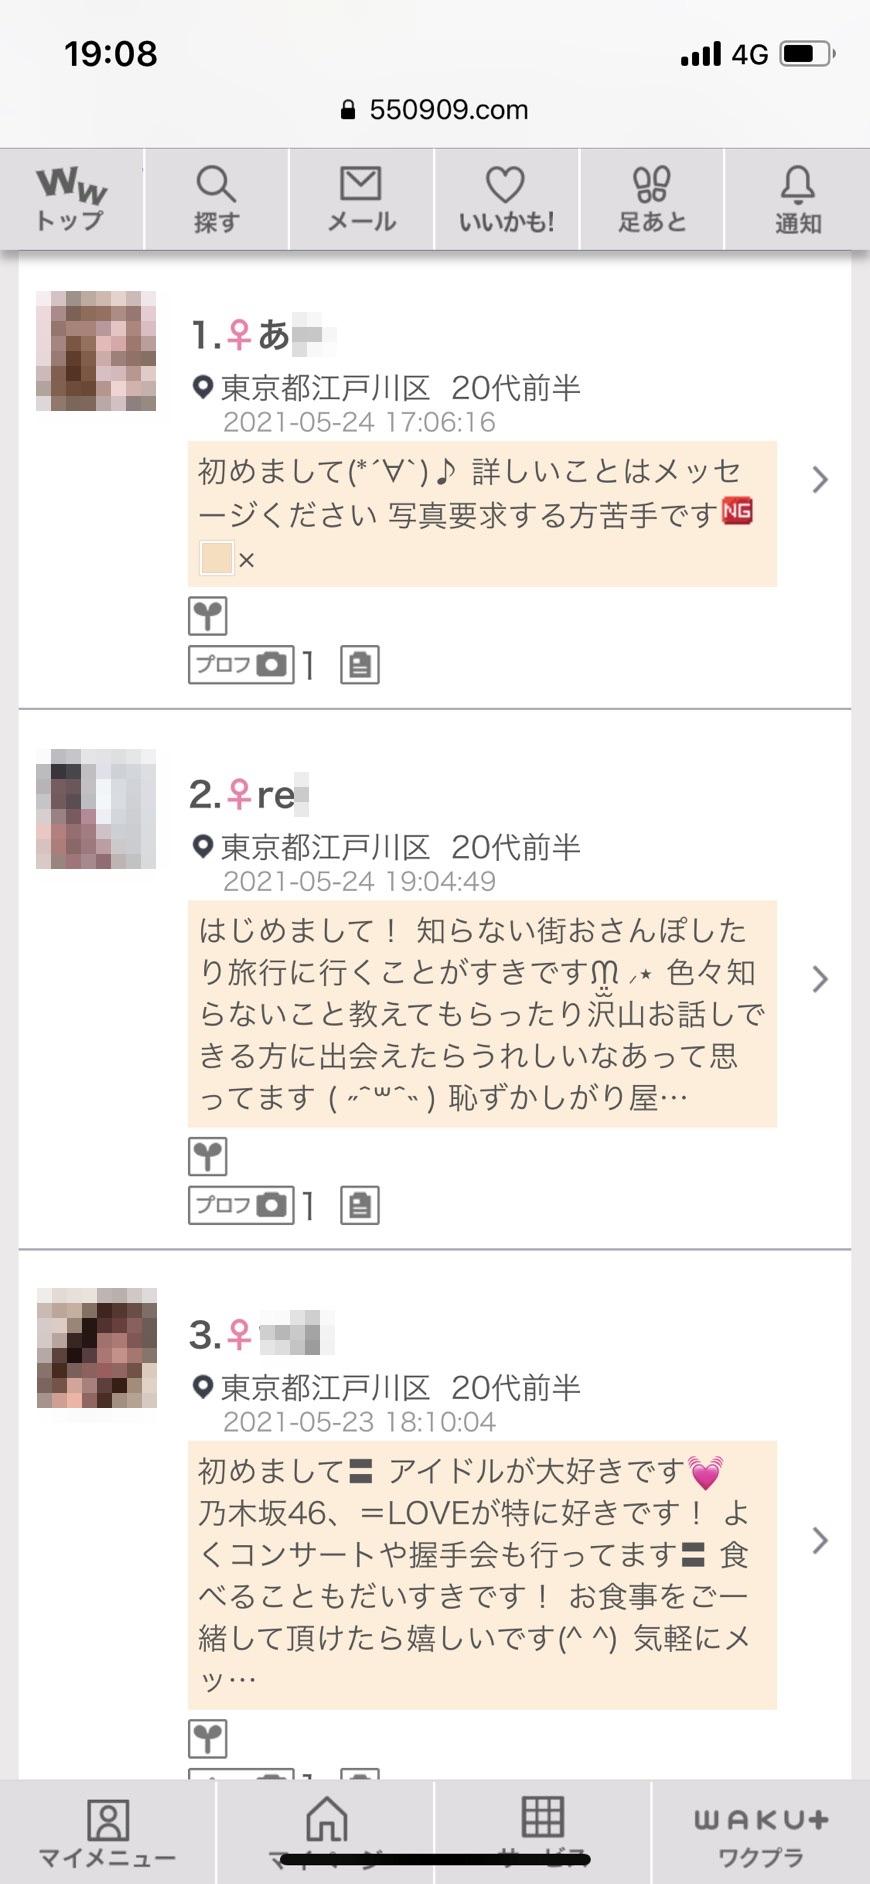 葛西・出会い希望(ワクワクメール)